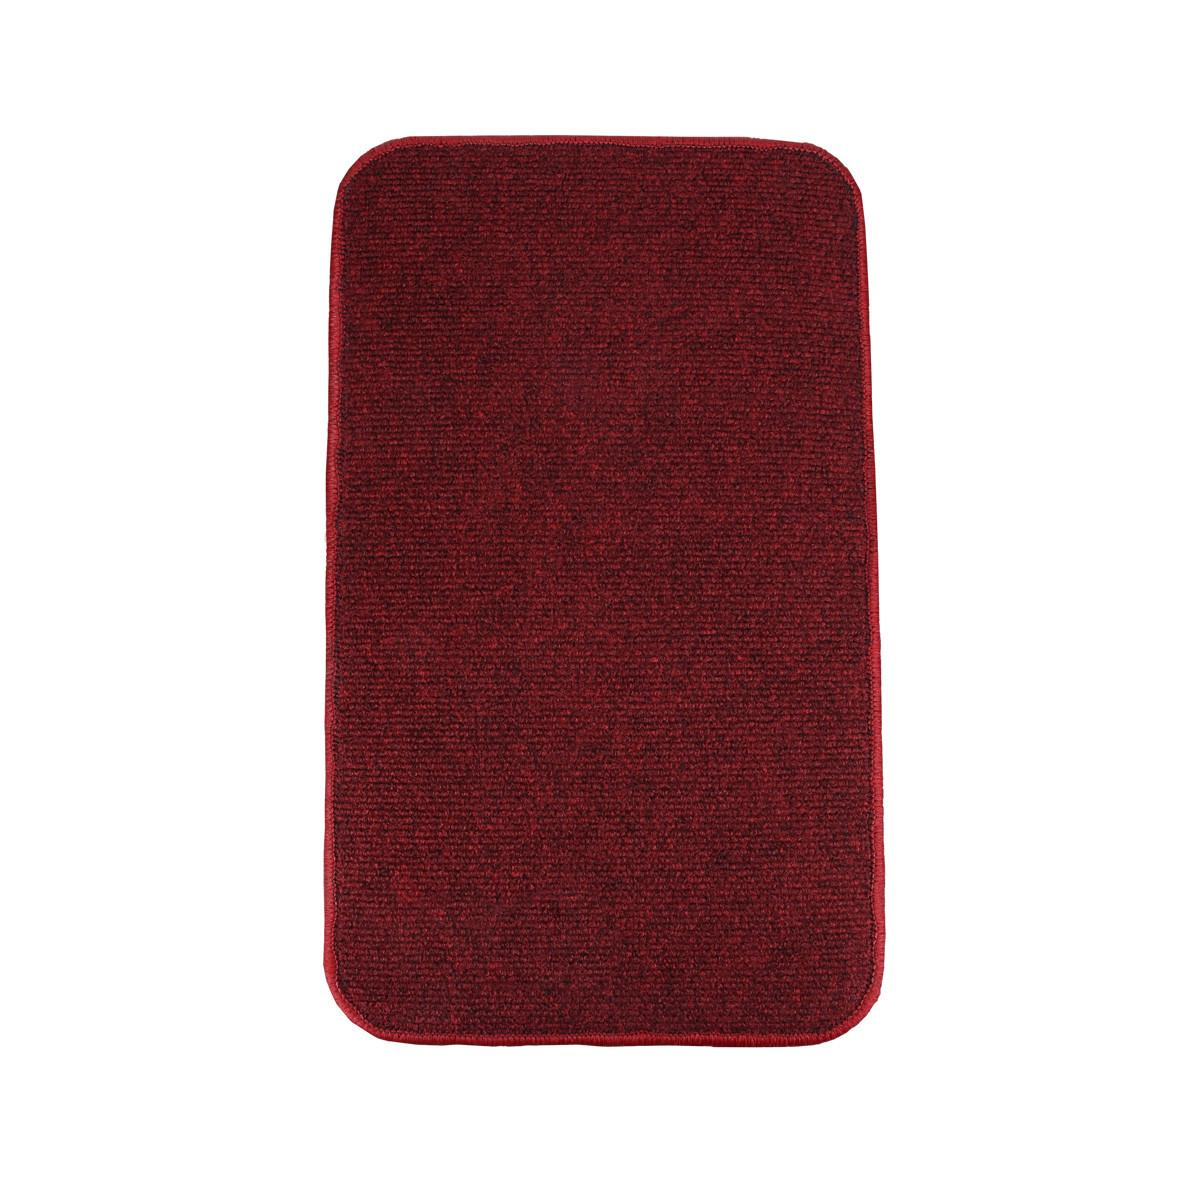 Електричний килимок з підігрівом Теплик з термоізоляцією 100 х 150 см Темно-червоний